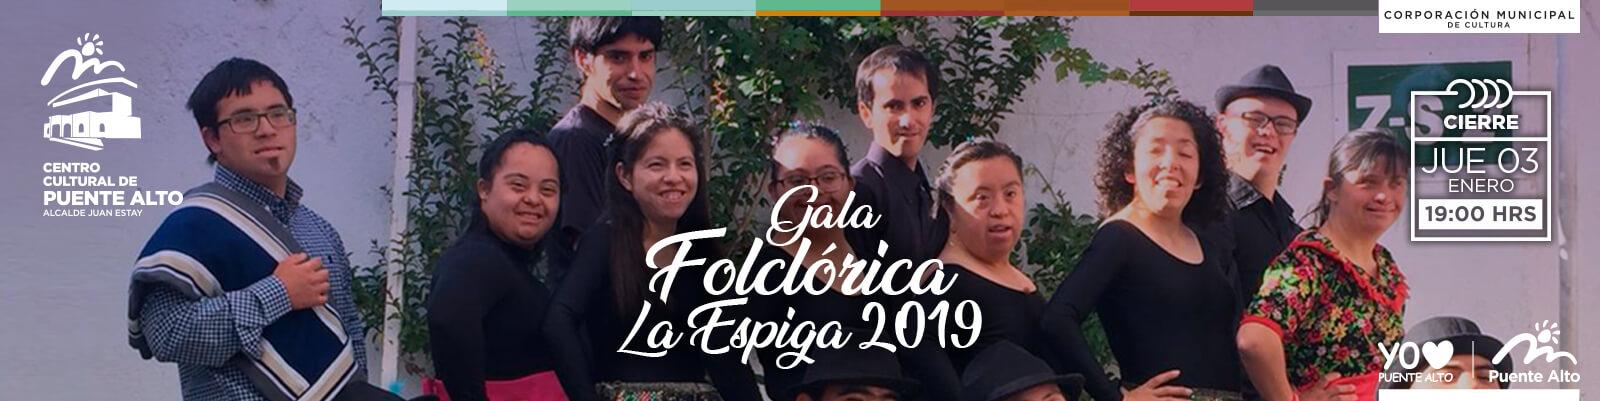 Gala Folclórica Escuela Especial La Espiga 2019.